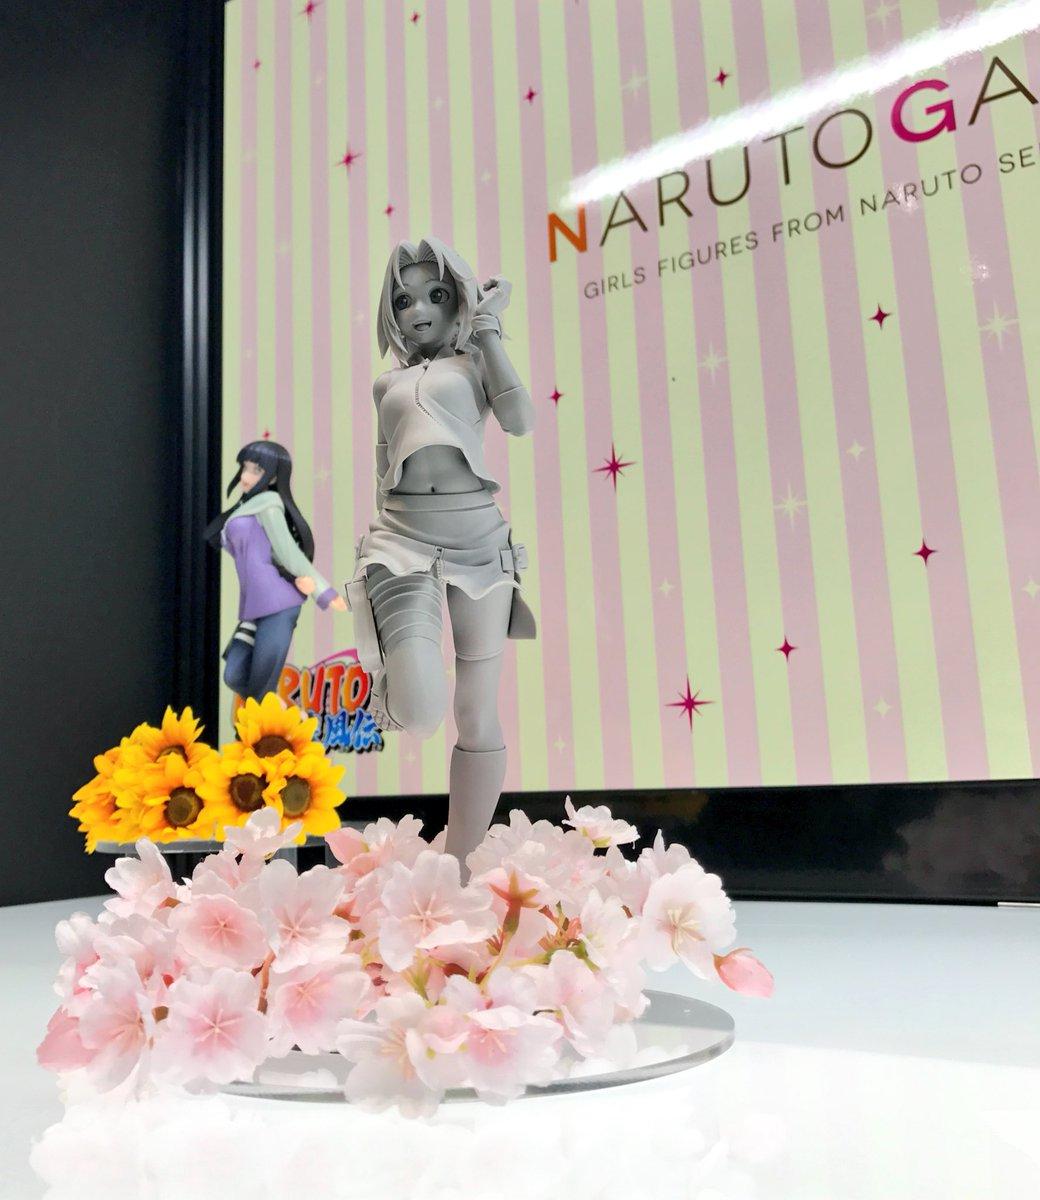 【#ナルト】NARUTOギャルズも、お陰様で第3弾「春野サクラ」商品化決定&原型初展示に!そこにサクラちゃんが居